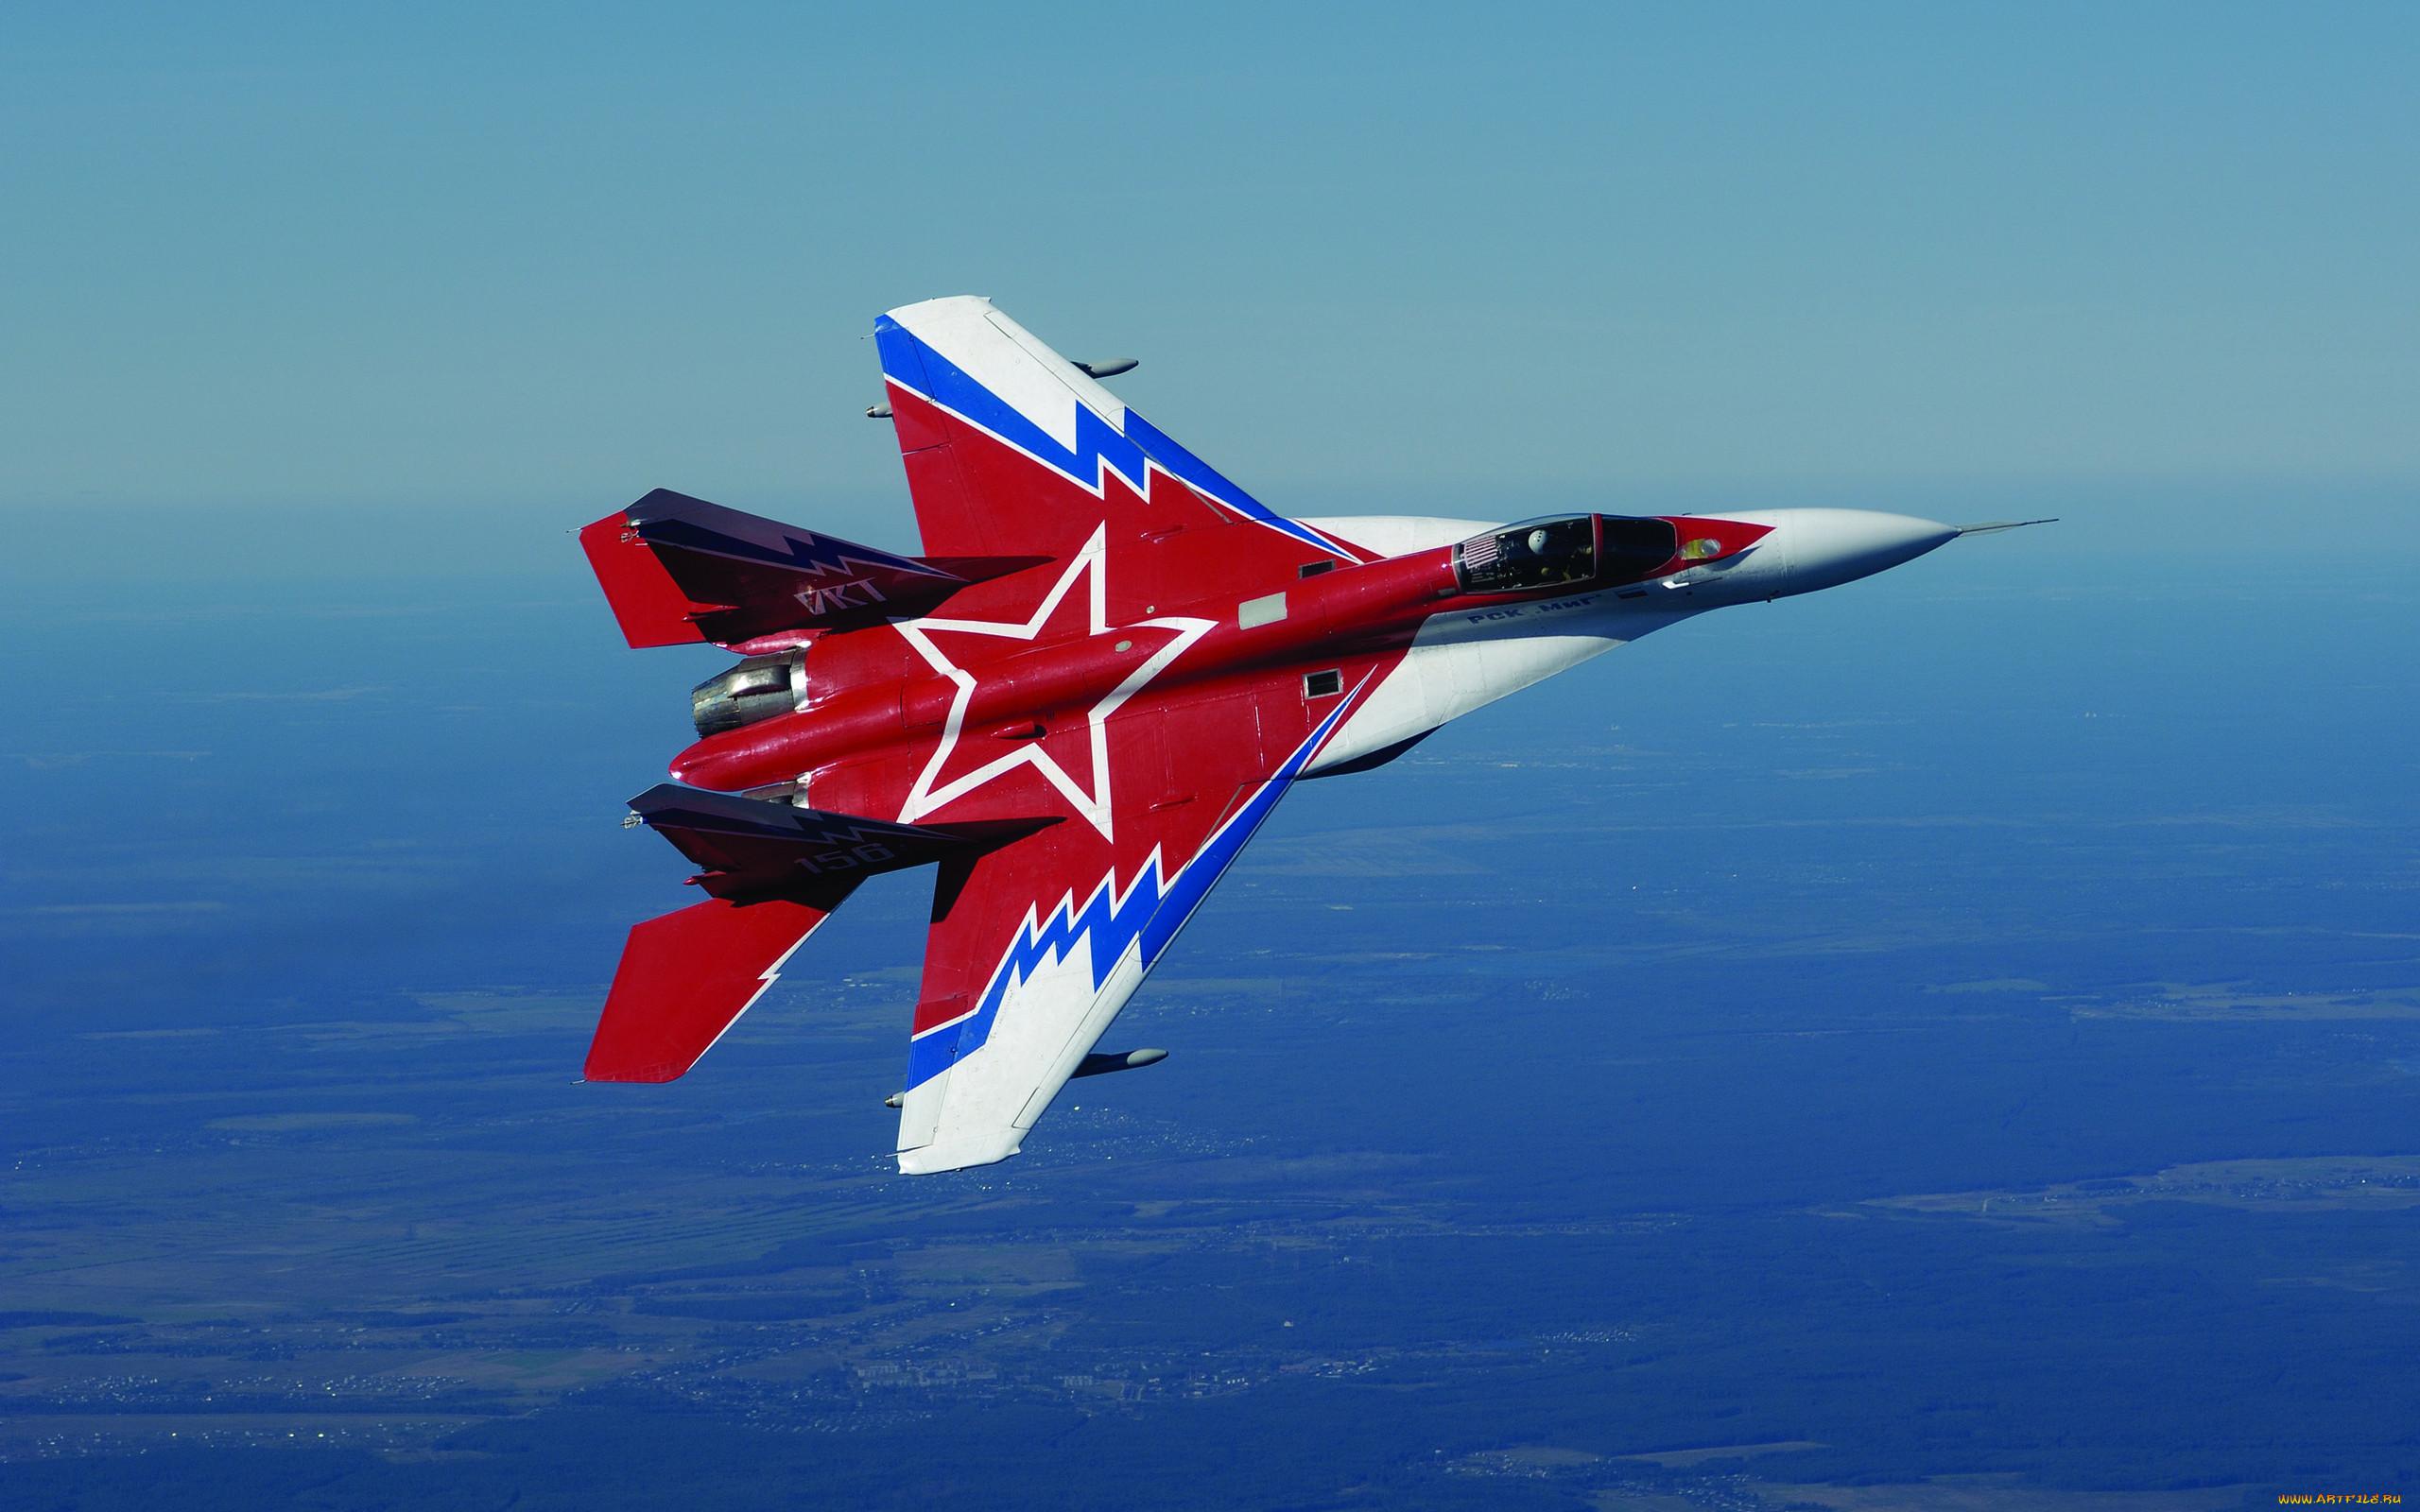 къадим военная авиация россии картинки время вечерней